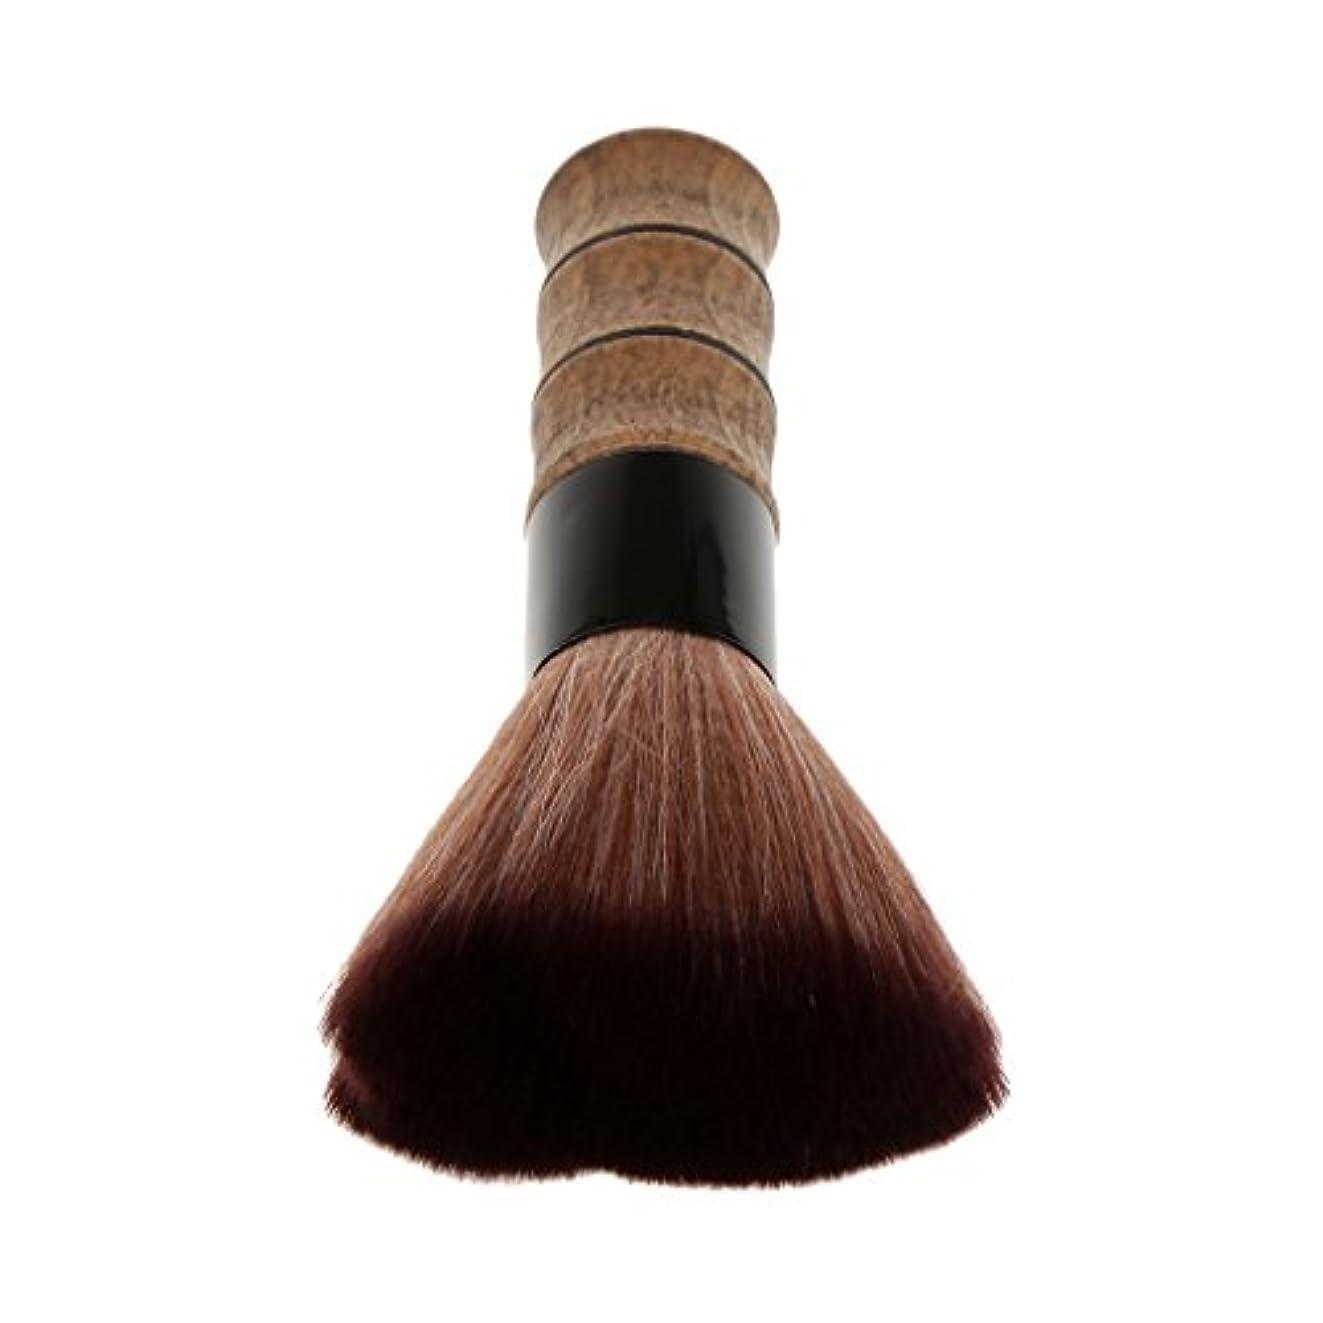 キルス観察寓話シェービングブラシ 洗顔 美容ブラシ メイクブラシ ソフトファイバー 竹ハンドル シェービング ブラシ スキンケア メイクアップ 2色選べる - 褐色